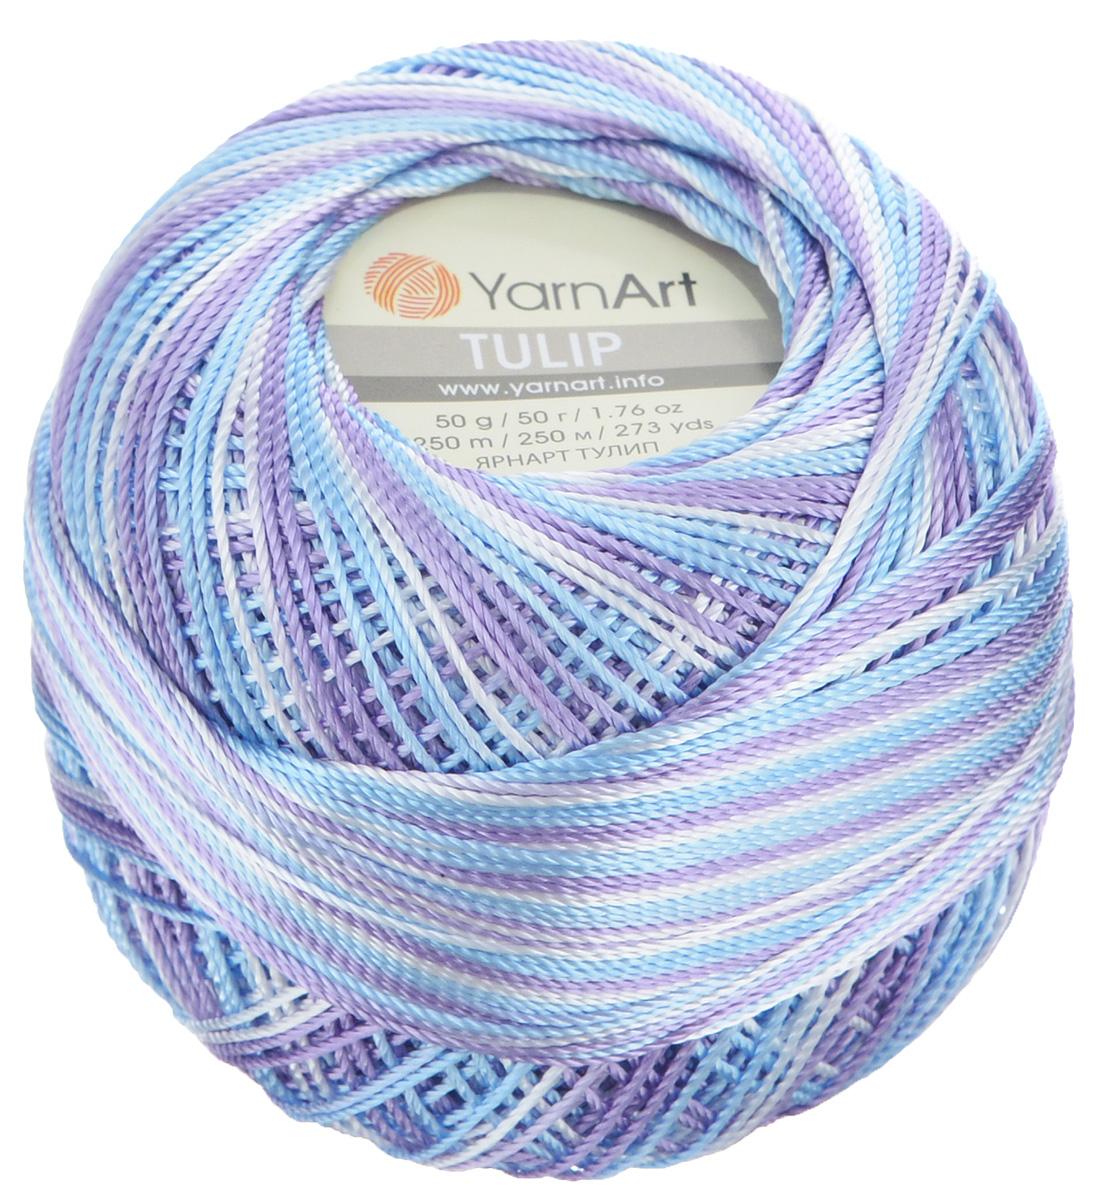 Пряжа для вязания YarnArt Tulip, цвет: белый, голубой, сиреневый (449), 250 м, 50 г, 6 шт372017_449Пряжа для вязания YarnArt Tulip изготовлена из 100% микрофибры. Пряжа приятная на ощупь, легкая, тонкая и упругая. Хорошо смотрится практически в любых узорах, не косит, послушно ложится в узоры и спицами, и крючком. Ниточка блестящая и такими же блестящими получаются изделия из нее. Нить удобна и практична тем, что хорошо смотрится как в объемных рельефных узорах, так и в самой простой чулочной вязке. Пряжа Tulip - классический вариант демисезонной пряжи, идеальна для создания летней одежды, купальников, аксессуаров, бижутерии, салфеток, ирландского кружева, жгутов и т.д. Нежная текстура ниток подходит для создания одежды детям. Изделия получаются легкими, не деформируются и не вытягиваются ни при вязании, ни при последующей носке. Микрофибра гипоаллергенна, поэтому вязаные вещи подходят даже для чувствительной кожи. Богатая цветовая гамма однотонных и меланжевых расцветок порадует рукодельниц и удовлетворит даже самых взыскательных модниц. Нить очень тонкая,...